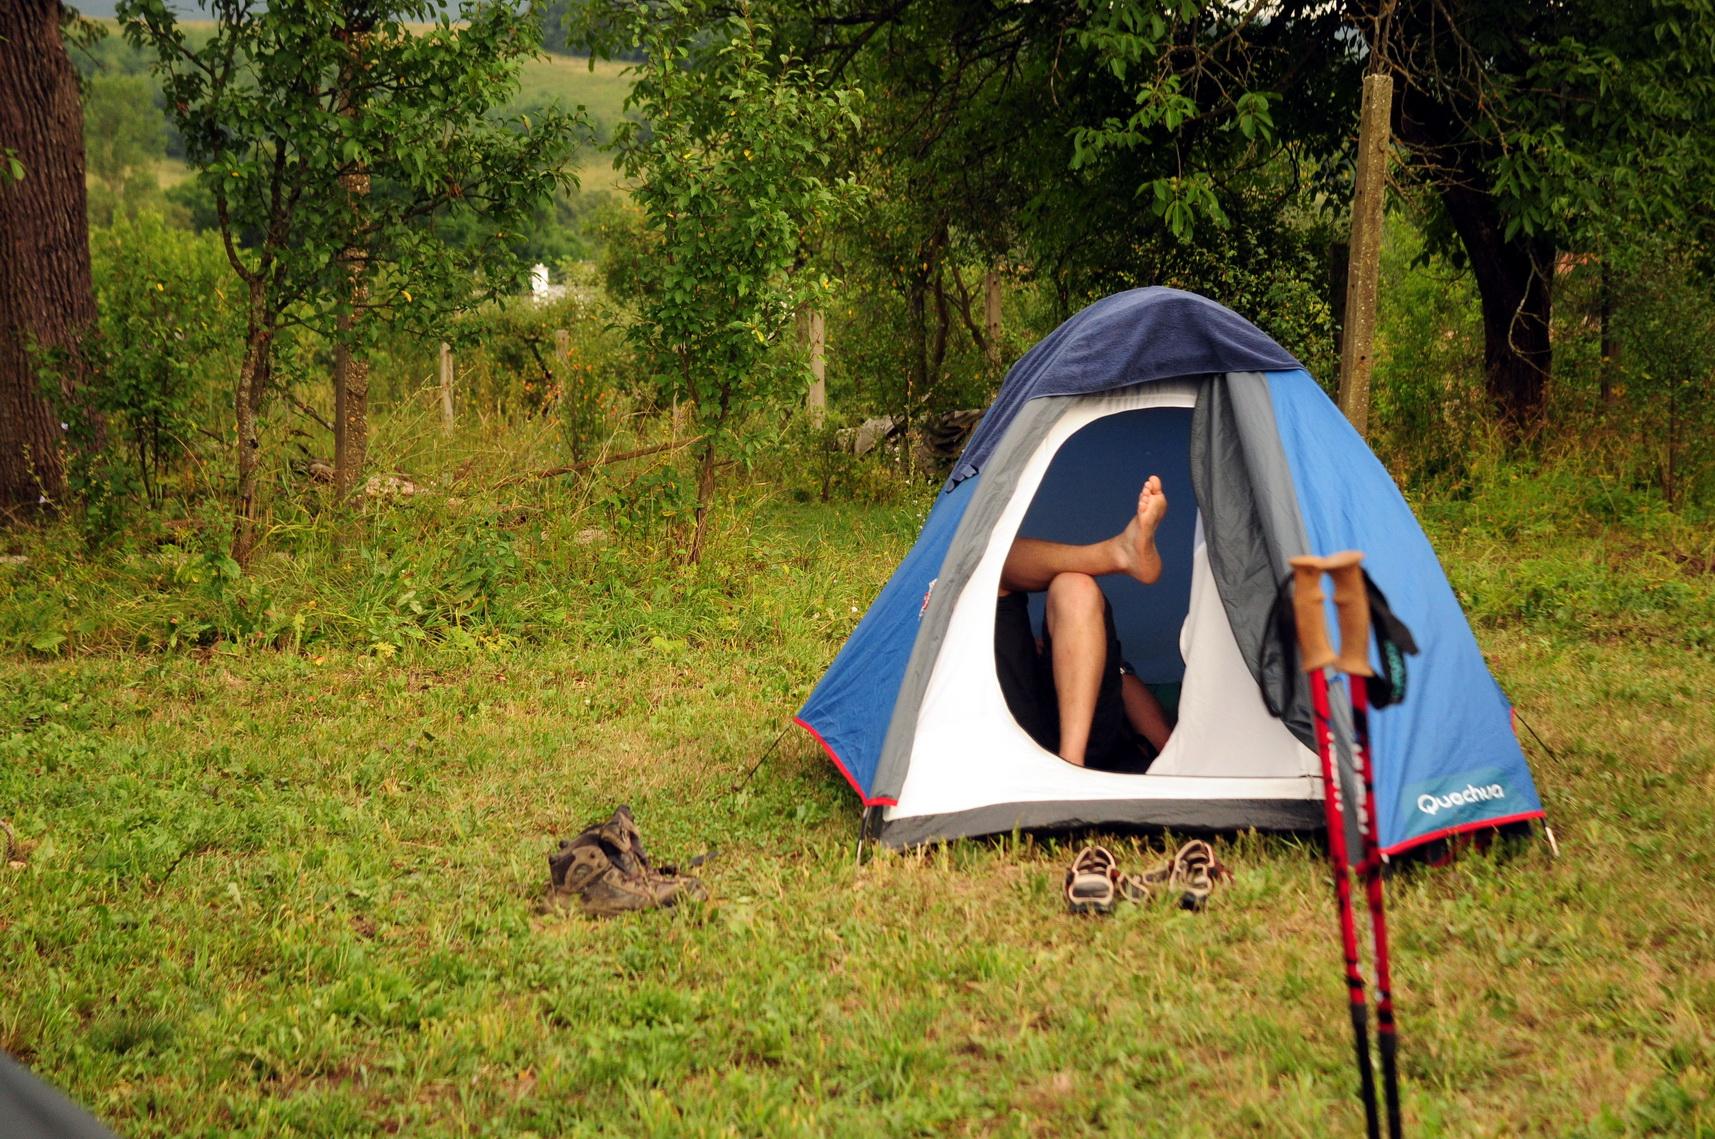 Amíg nem esik, az olcsó felszerelés is komfortos Forrás: Paraferee - Mozgásvilág.hu